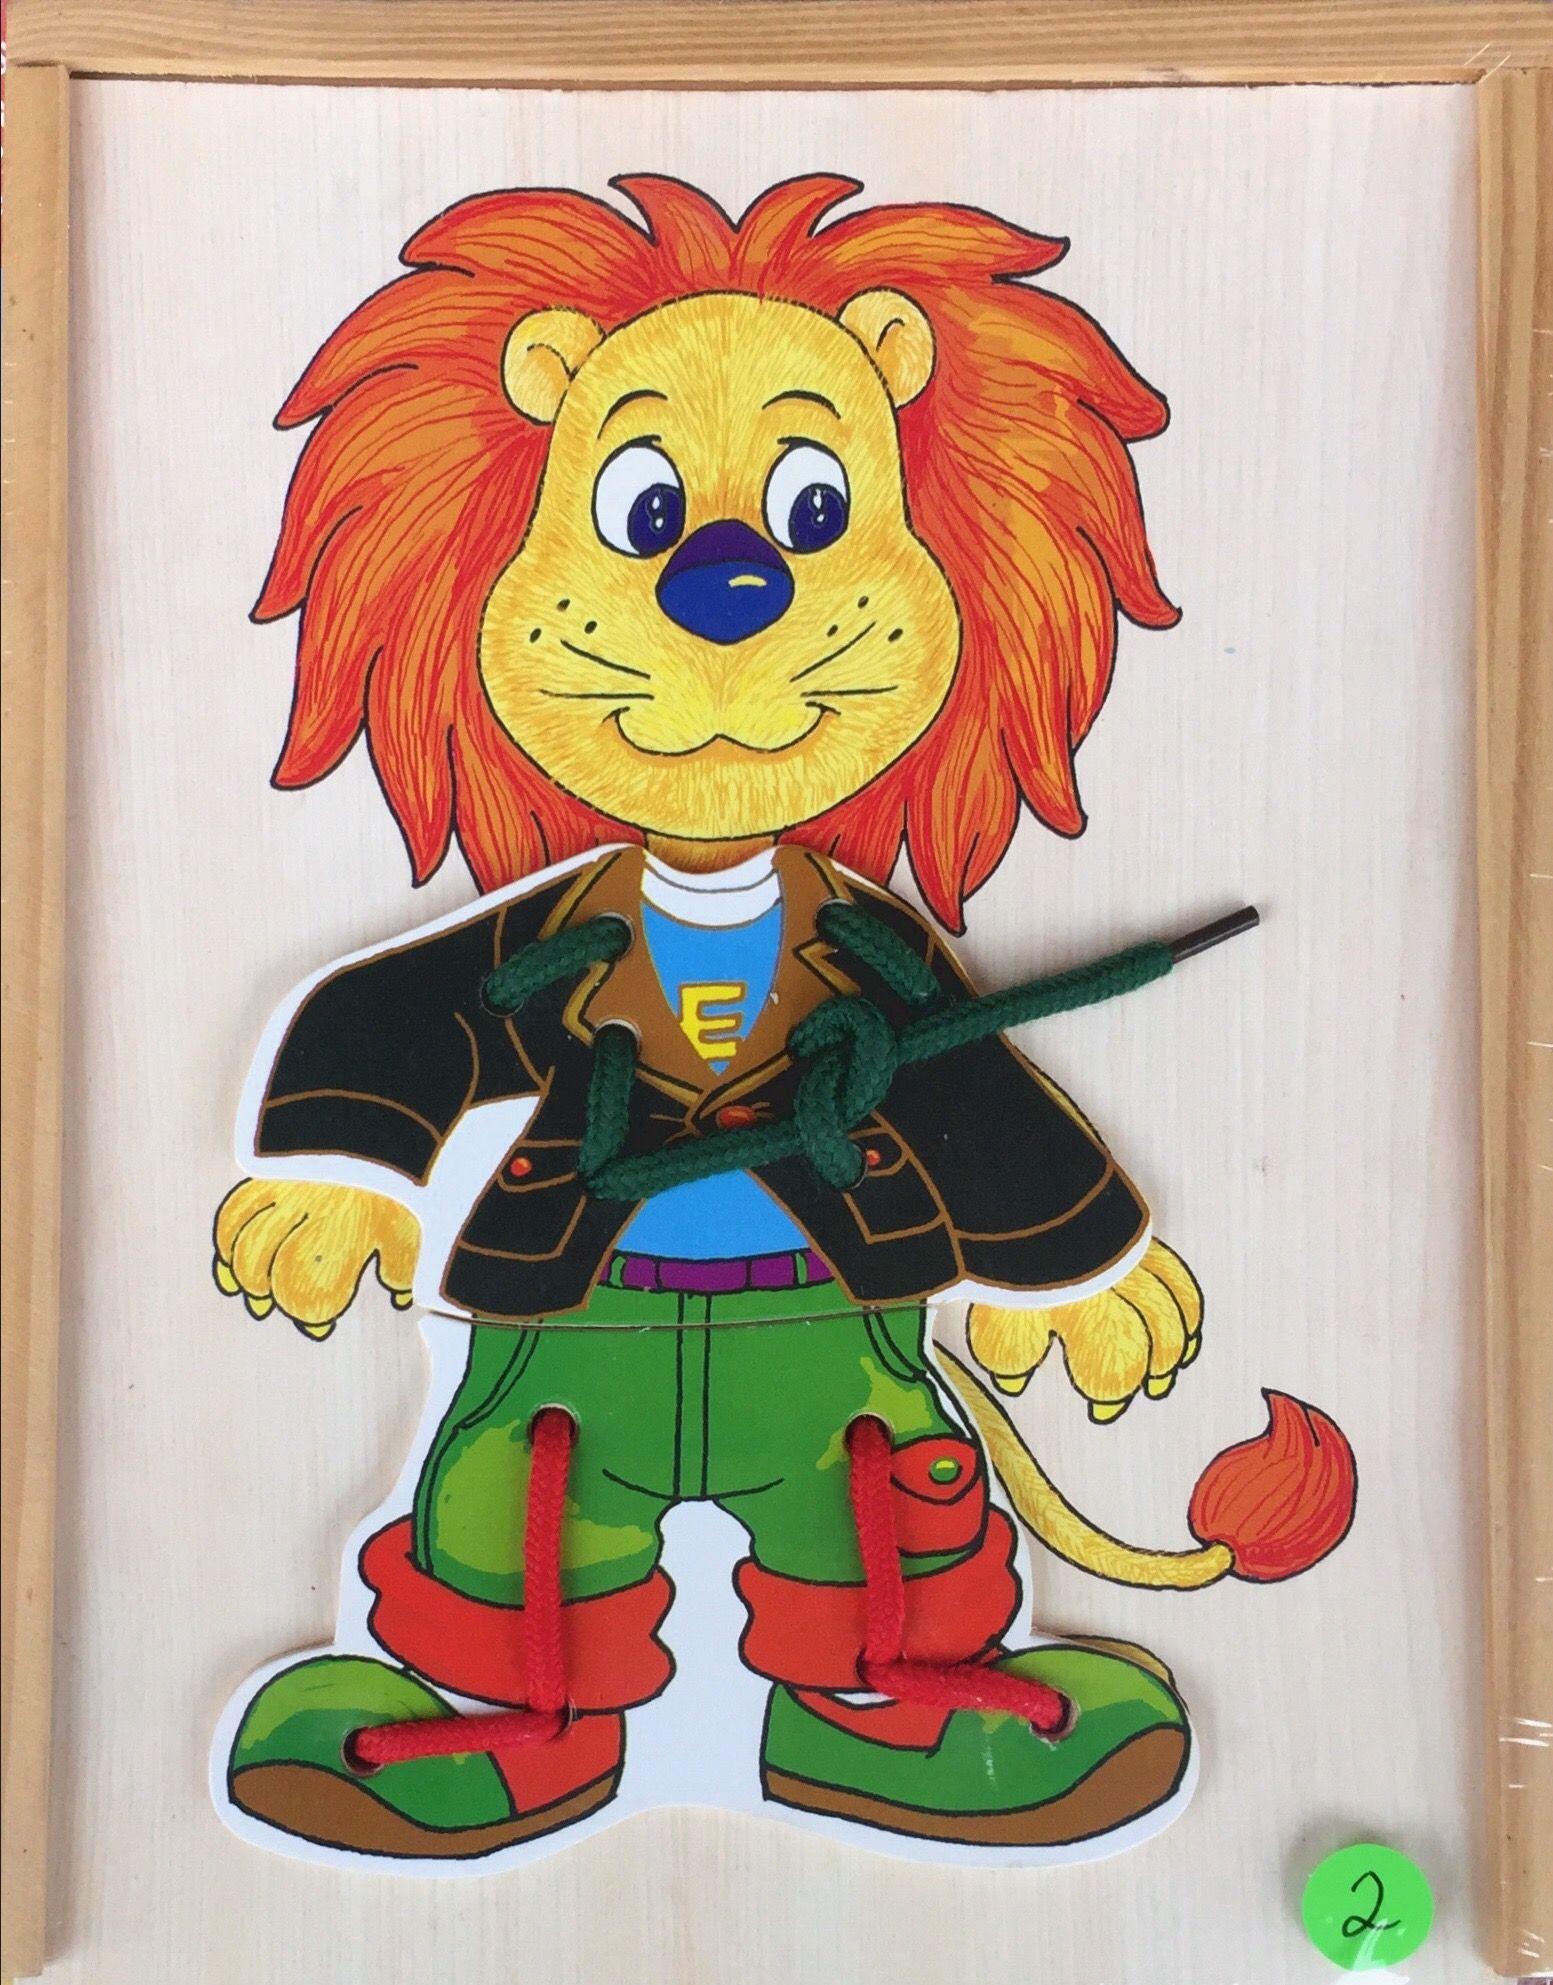 schleifen binden lernen  löwe  brettspiele für kinder